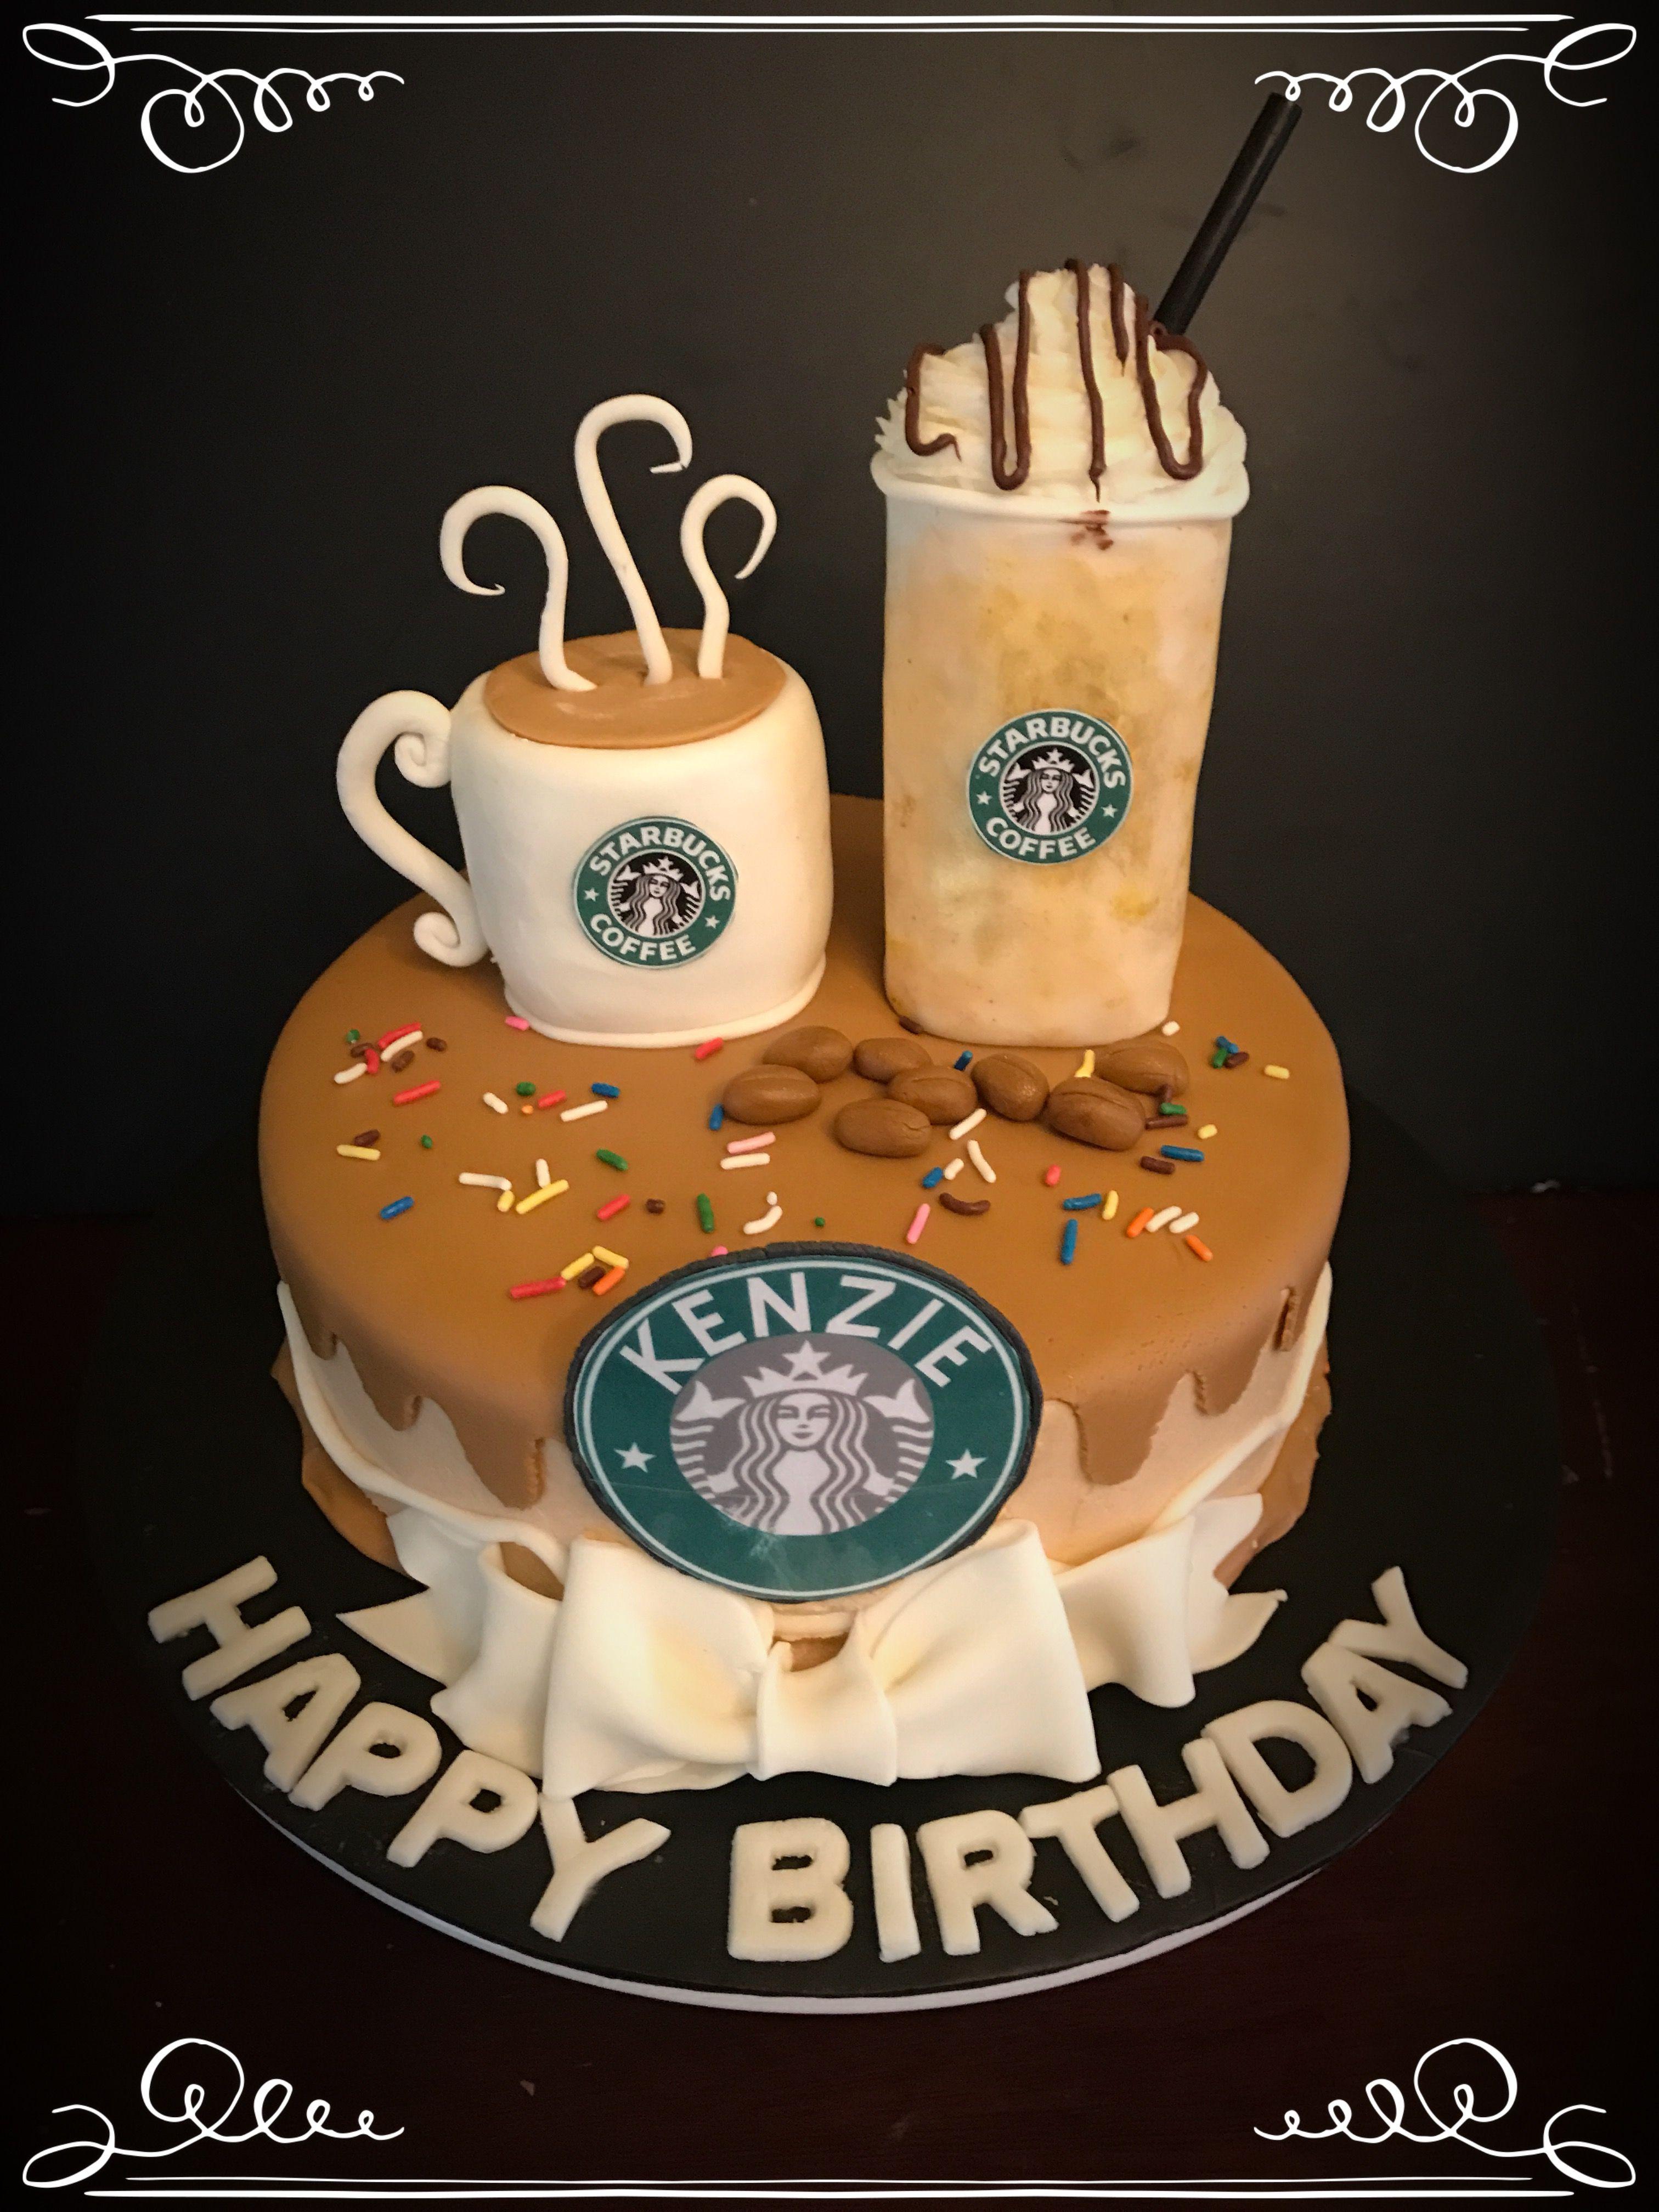 Fine Starbucks Birthday Cake Starbucks Cake Starbucks Birthday Cute Funny Birthday Cards Online Unhofree Goldxyz